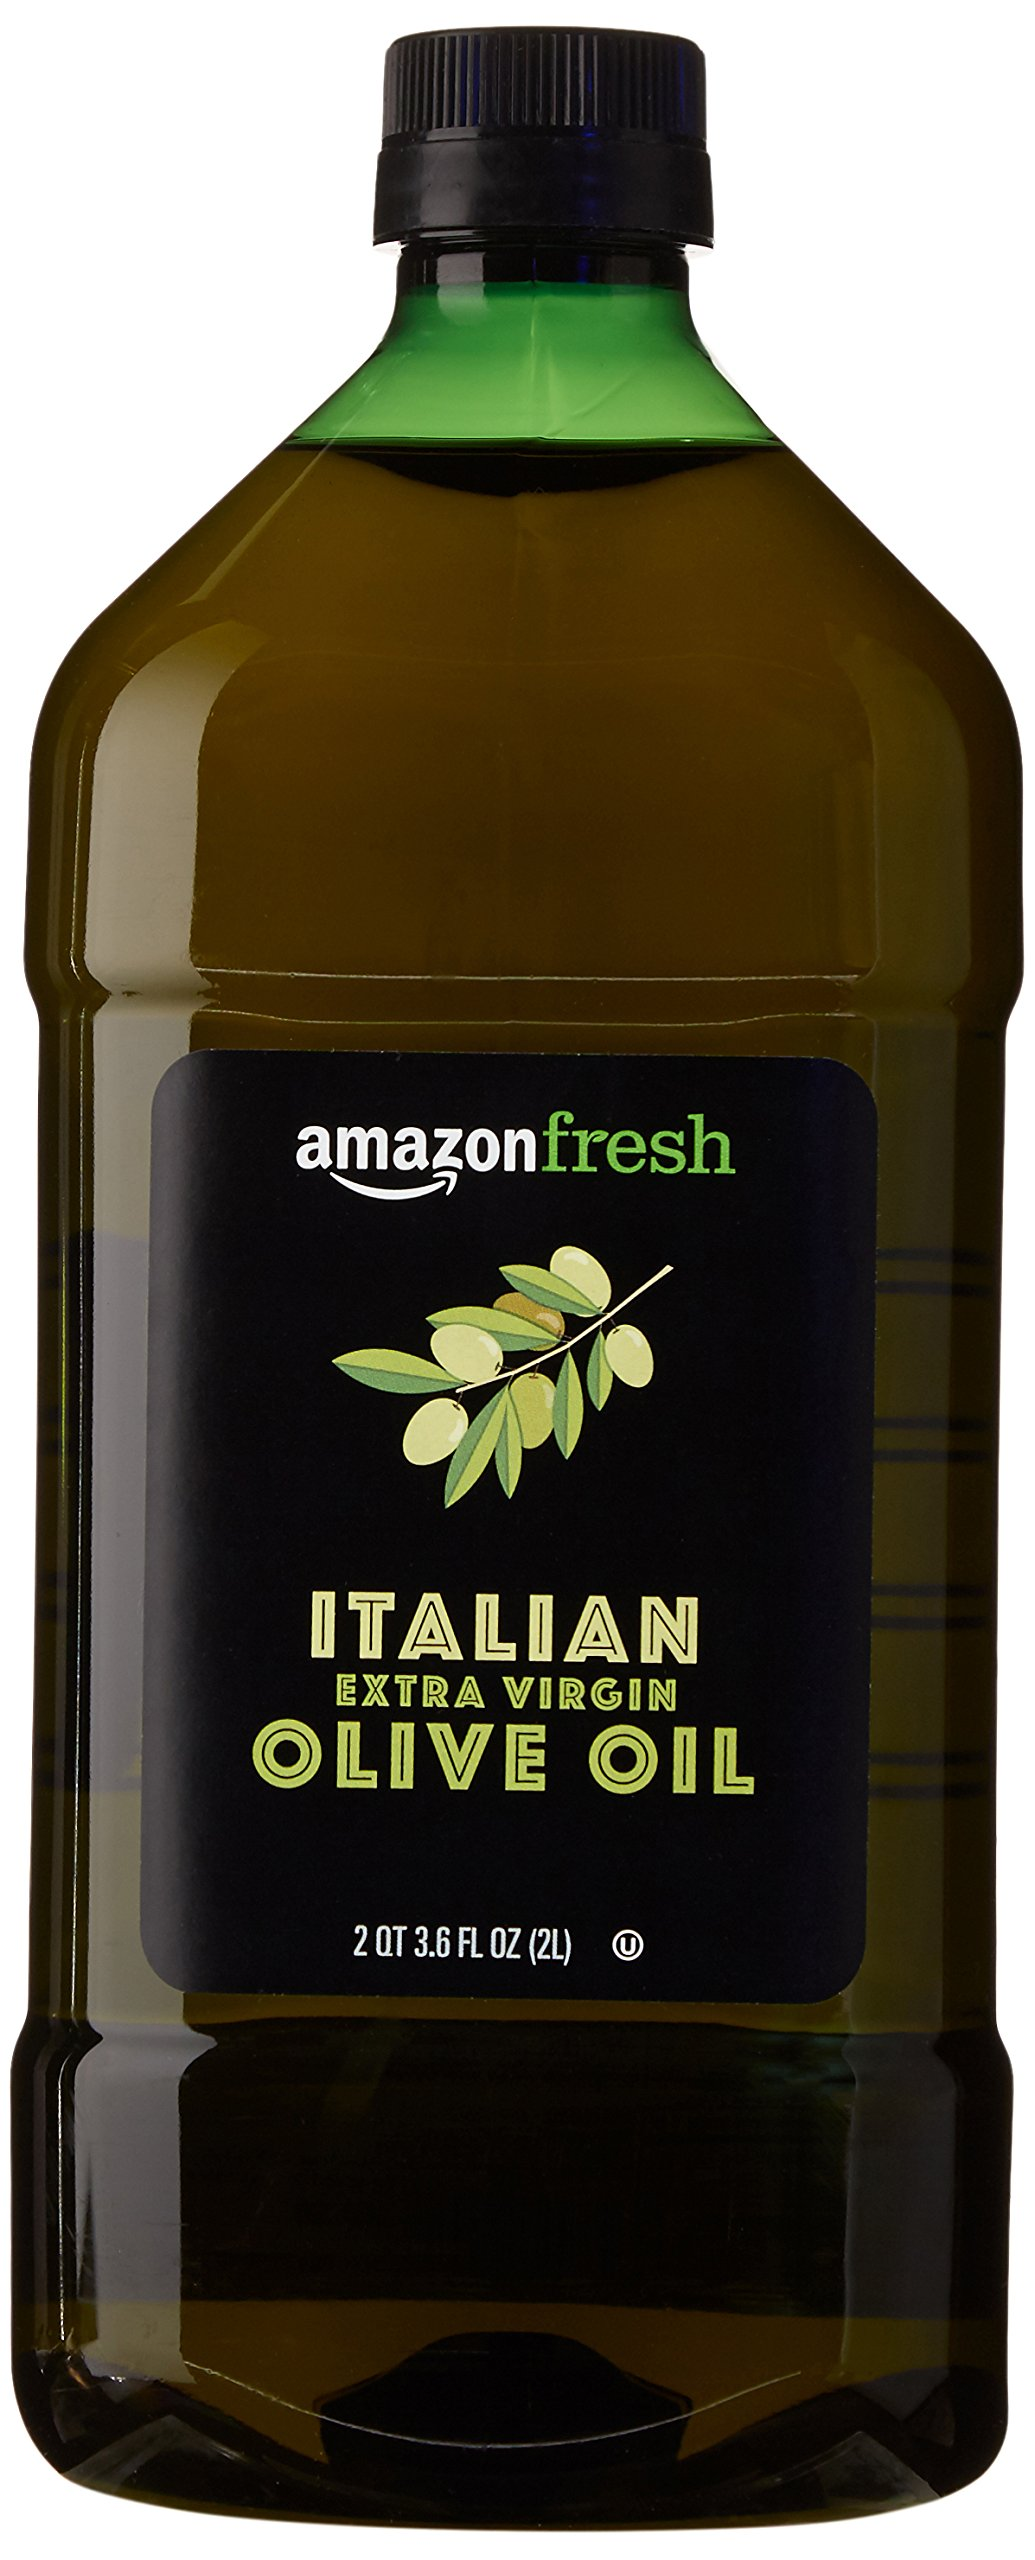 AmazonFresh Italian Extra Virgin Olive Oil, 68 Fl Oz (2L)